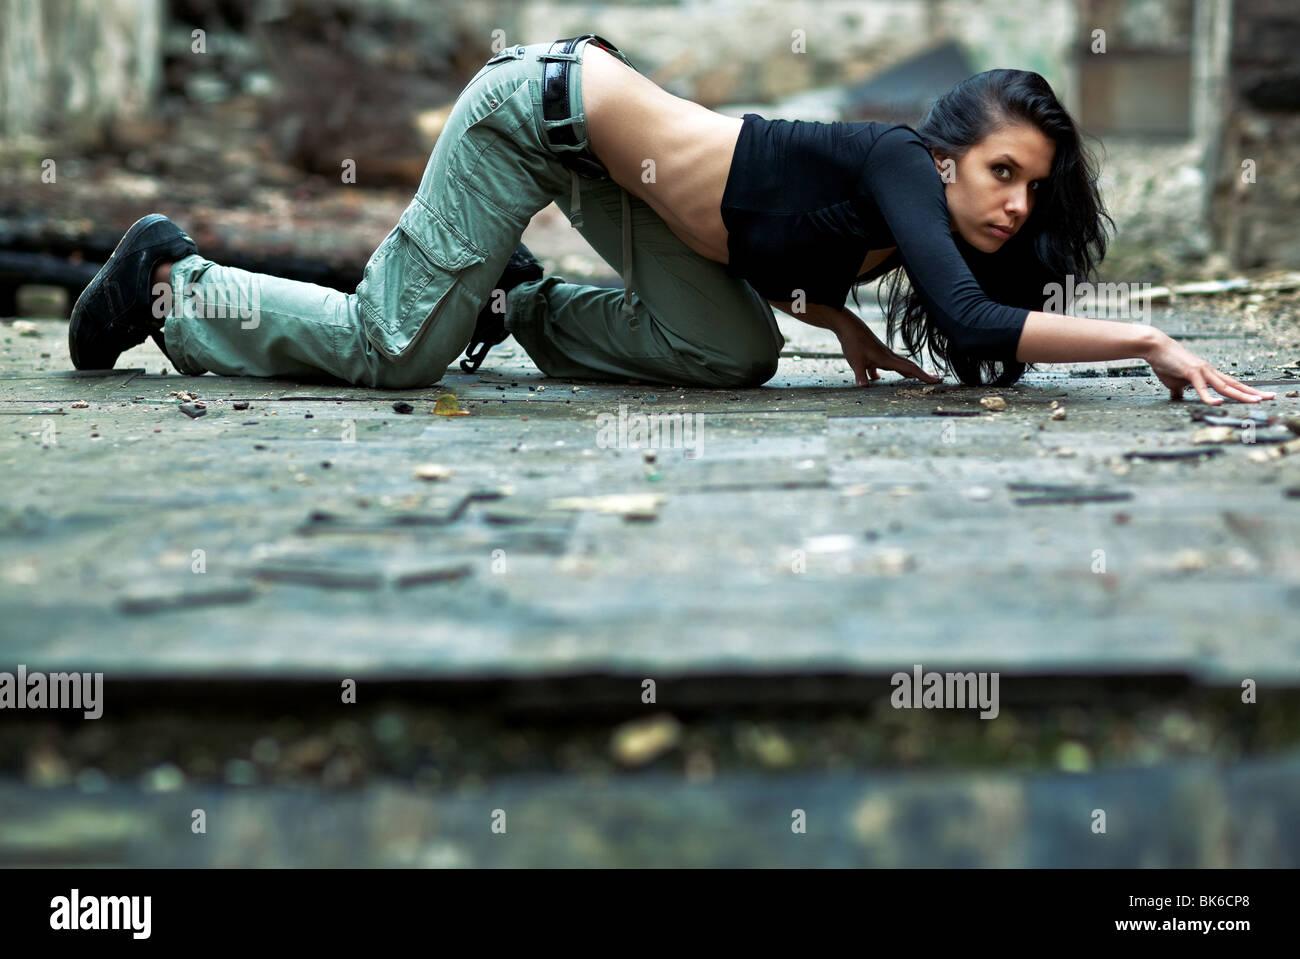 Junge Frau in einem verfallenen Gebäude. Heimlich kriechen auf dem Boden. Stockbild